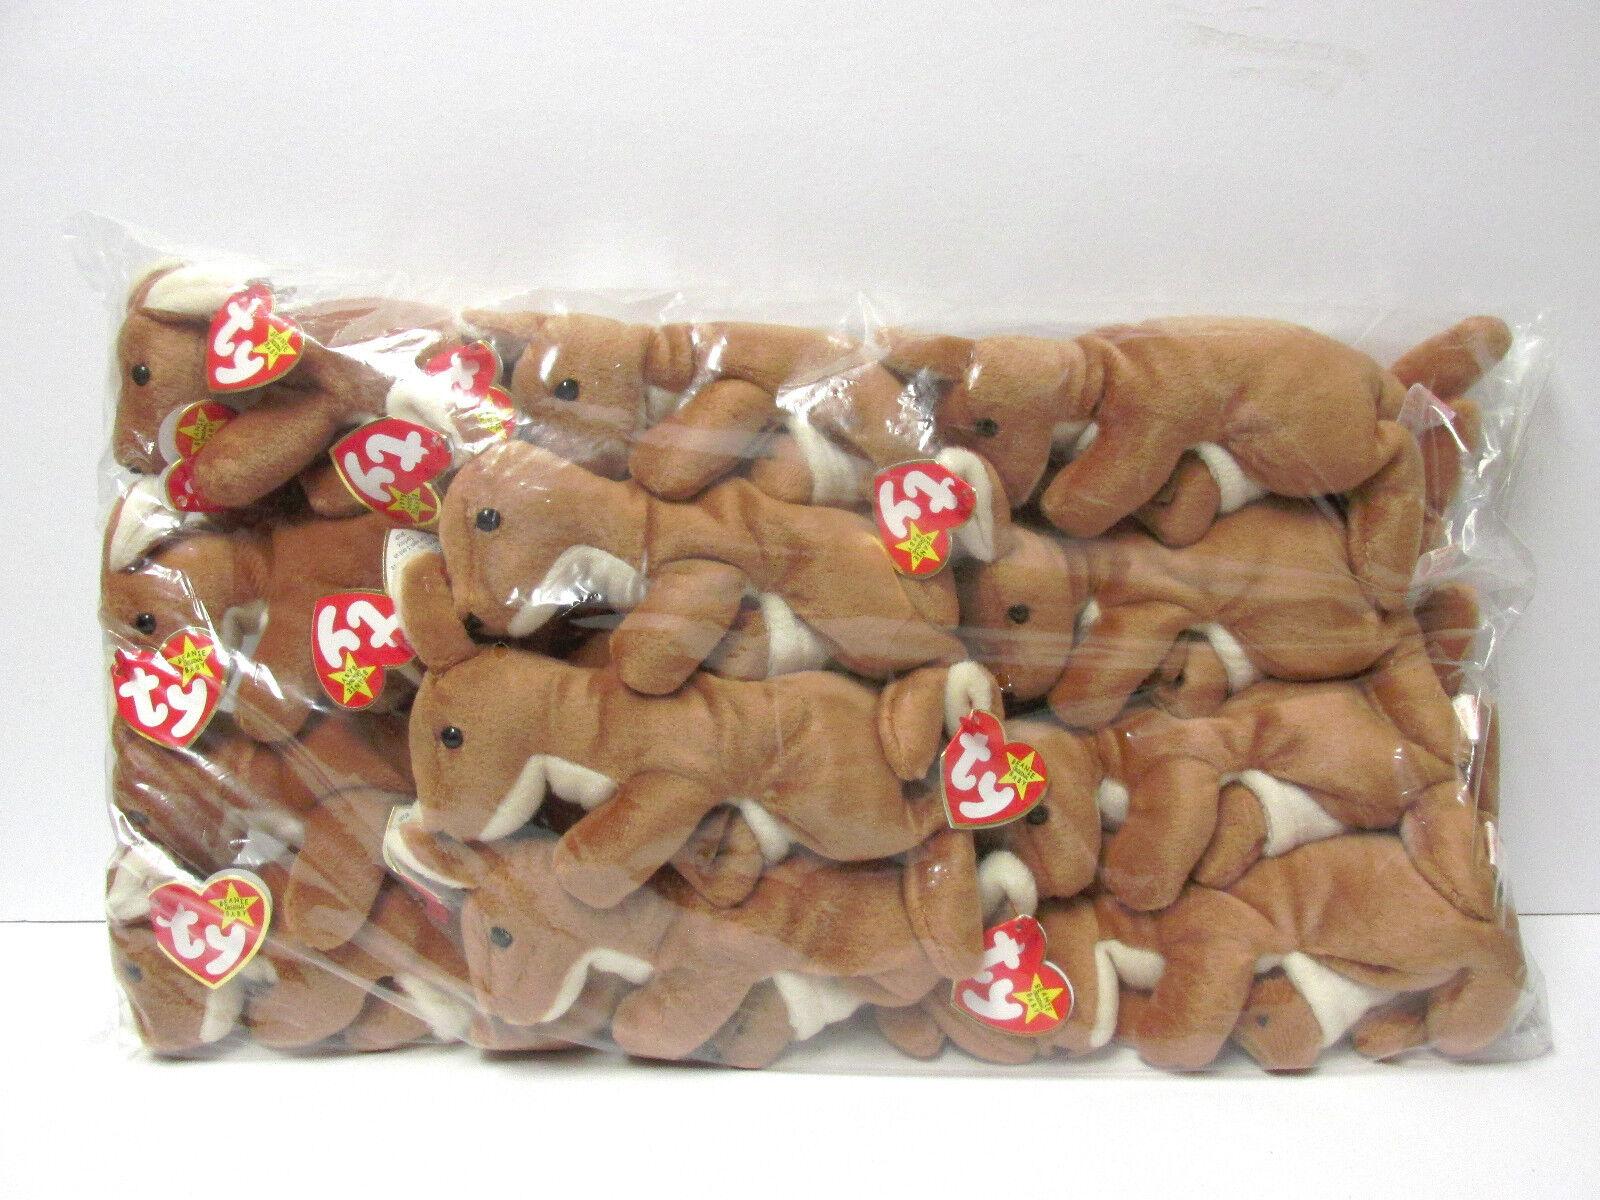 Ty beanie baby versiegelten beutel ein dutzend (12)  kurier  känguru - w   baby, minze - tags